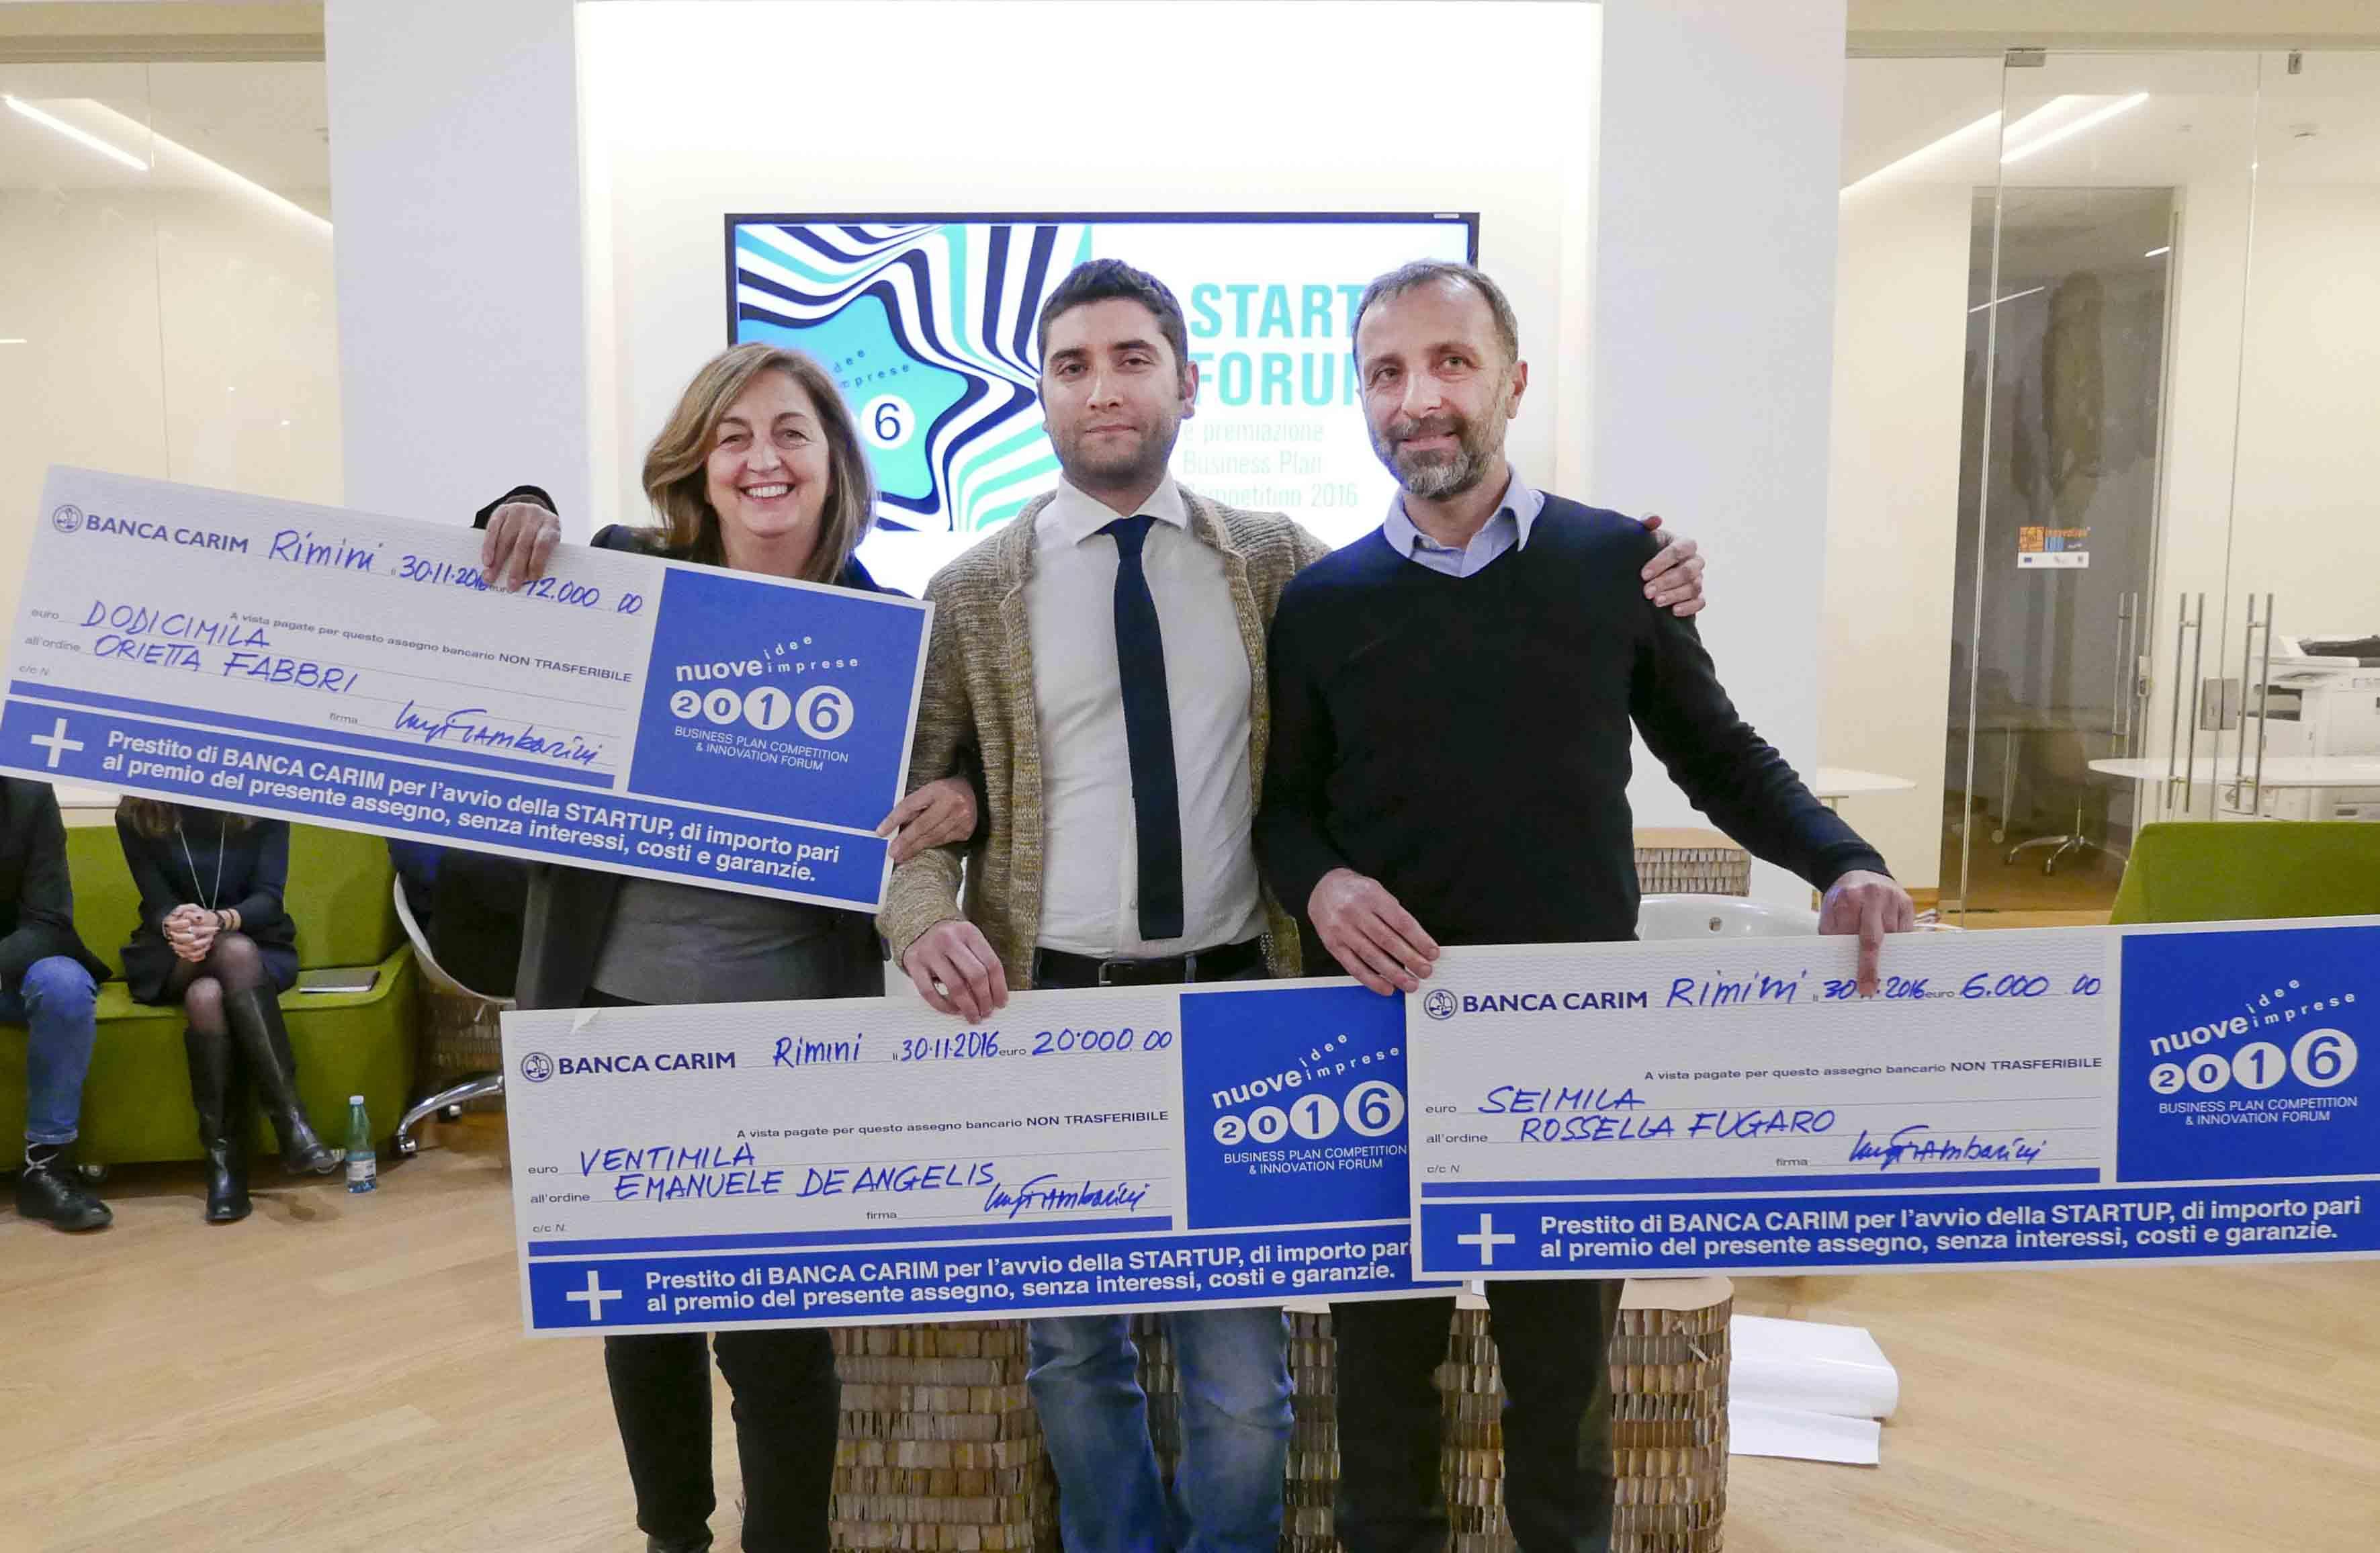 Nuove Idee Nuove Imprese, proclamati i vincitori della 15° edizione